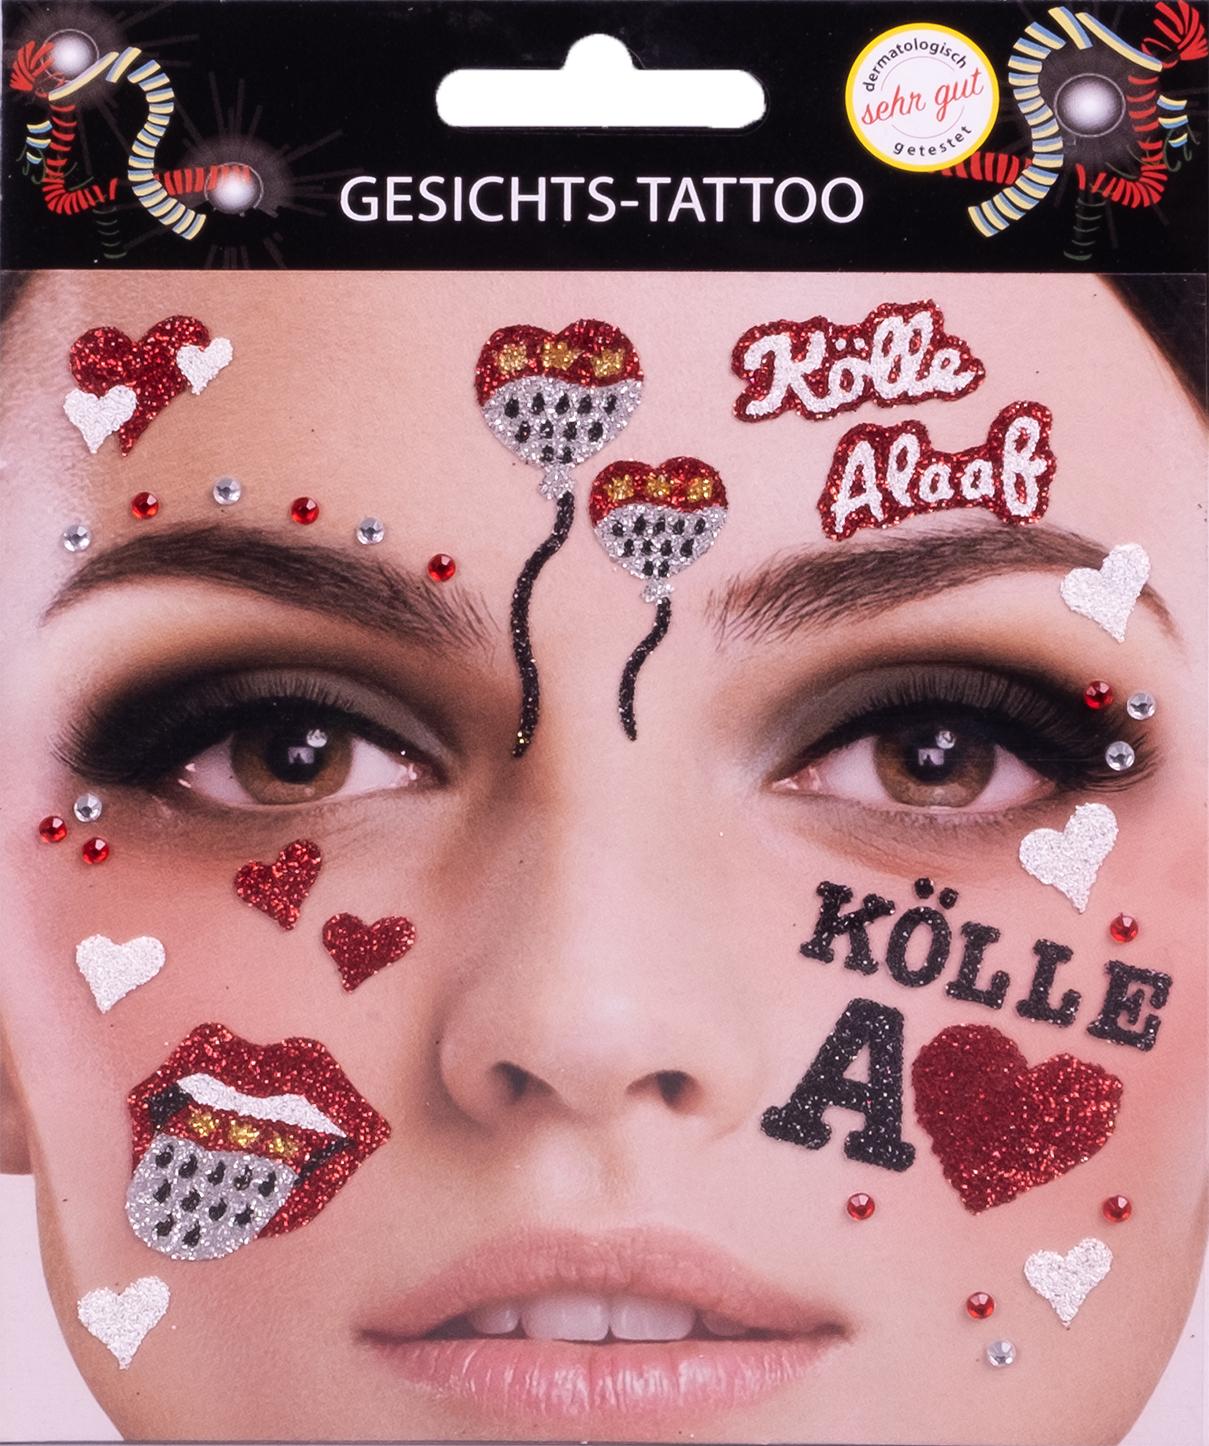 Gesichts-Tattoo Bock op Kölle